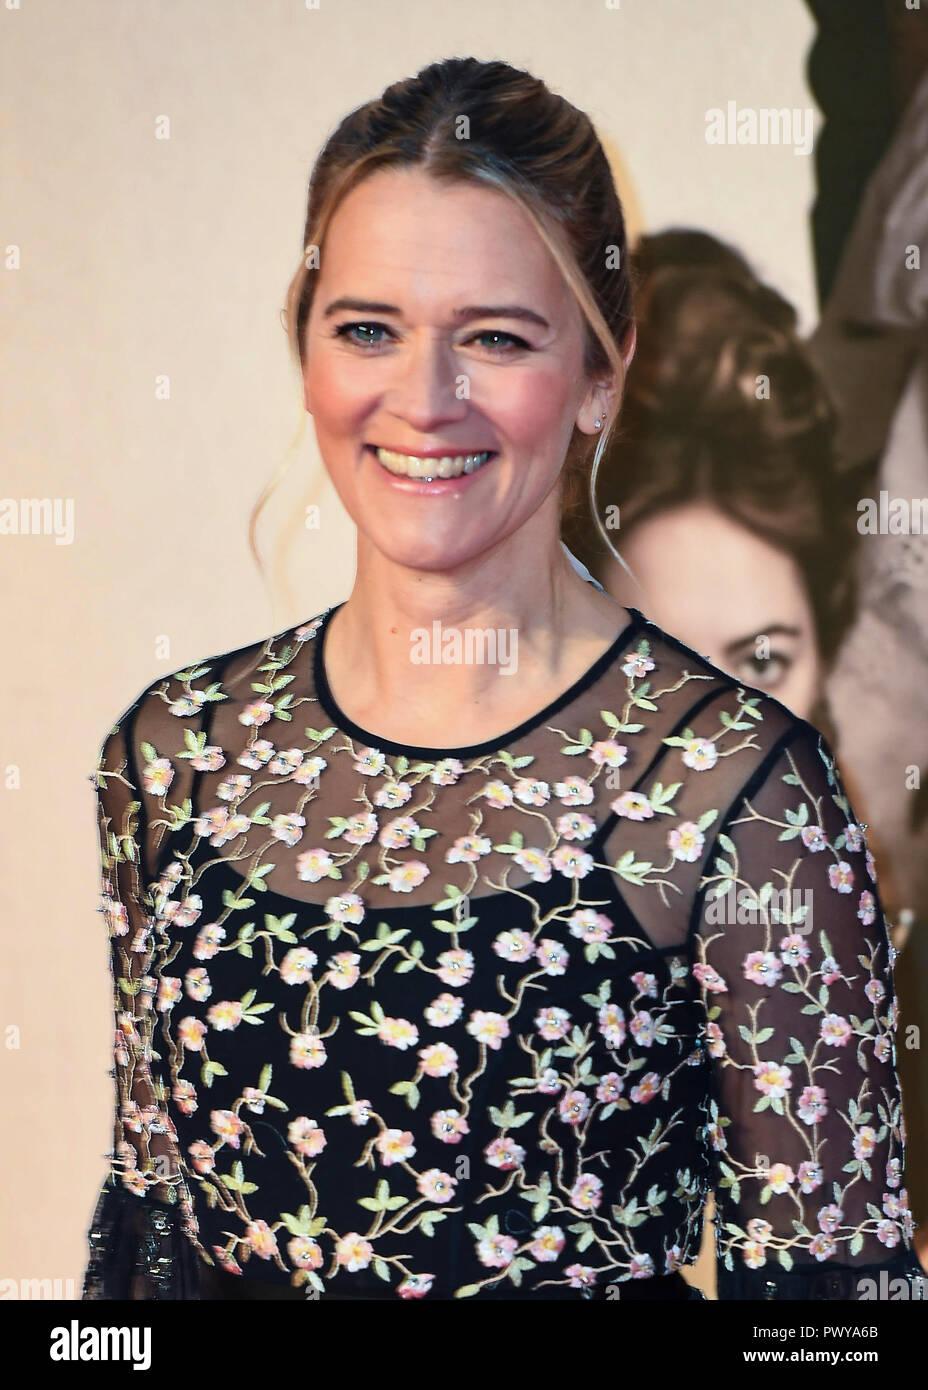 Edith Bowman atiende el Reino Unido estreno de 'La Favorita' & American Express en la 62ª Gala BFI London Film Festival. Foto de stock